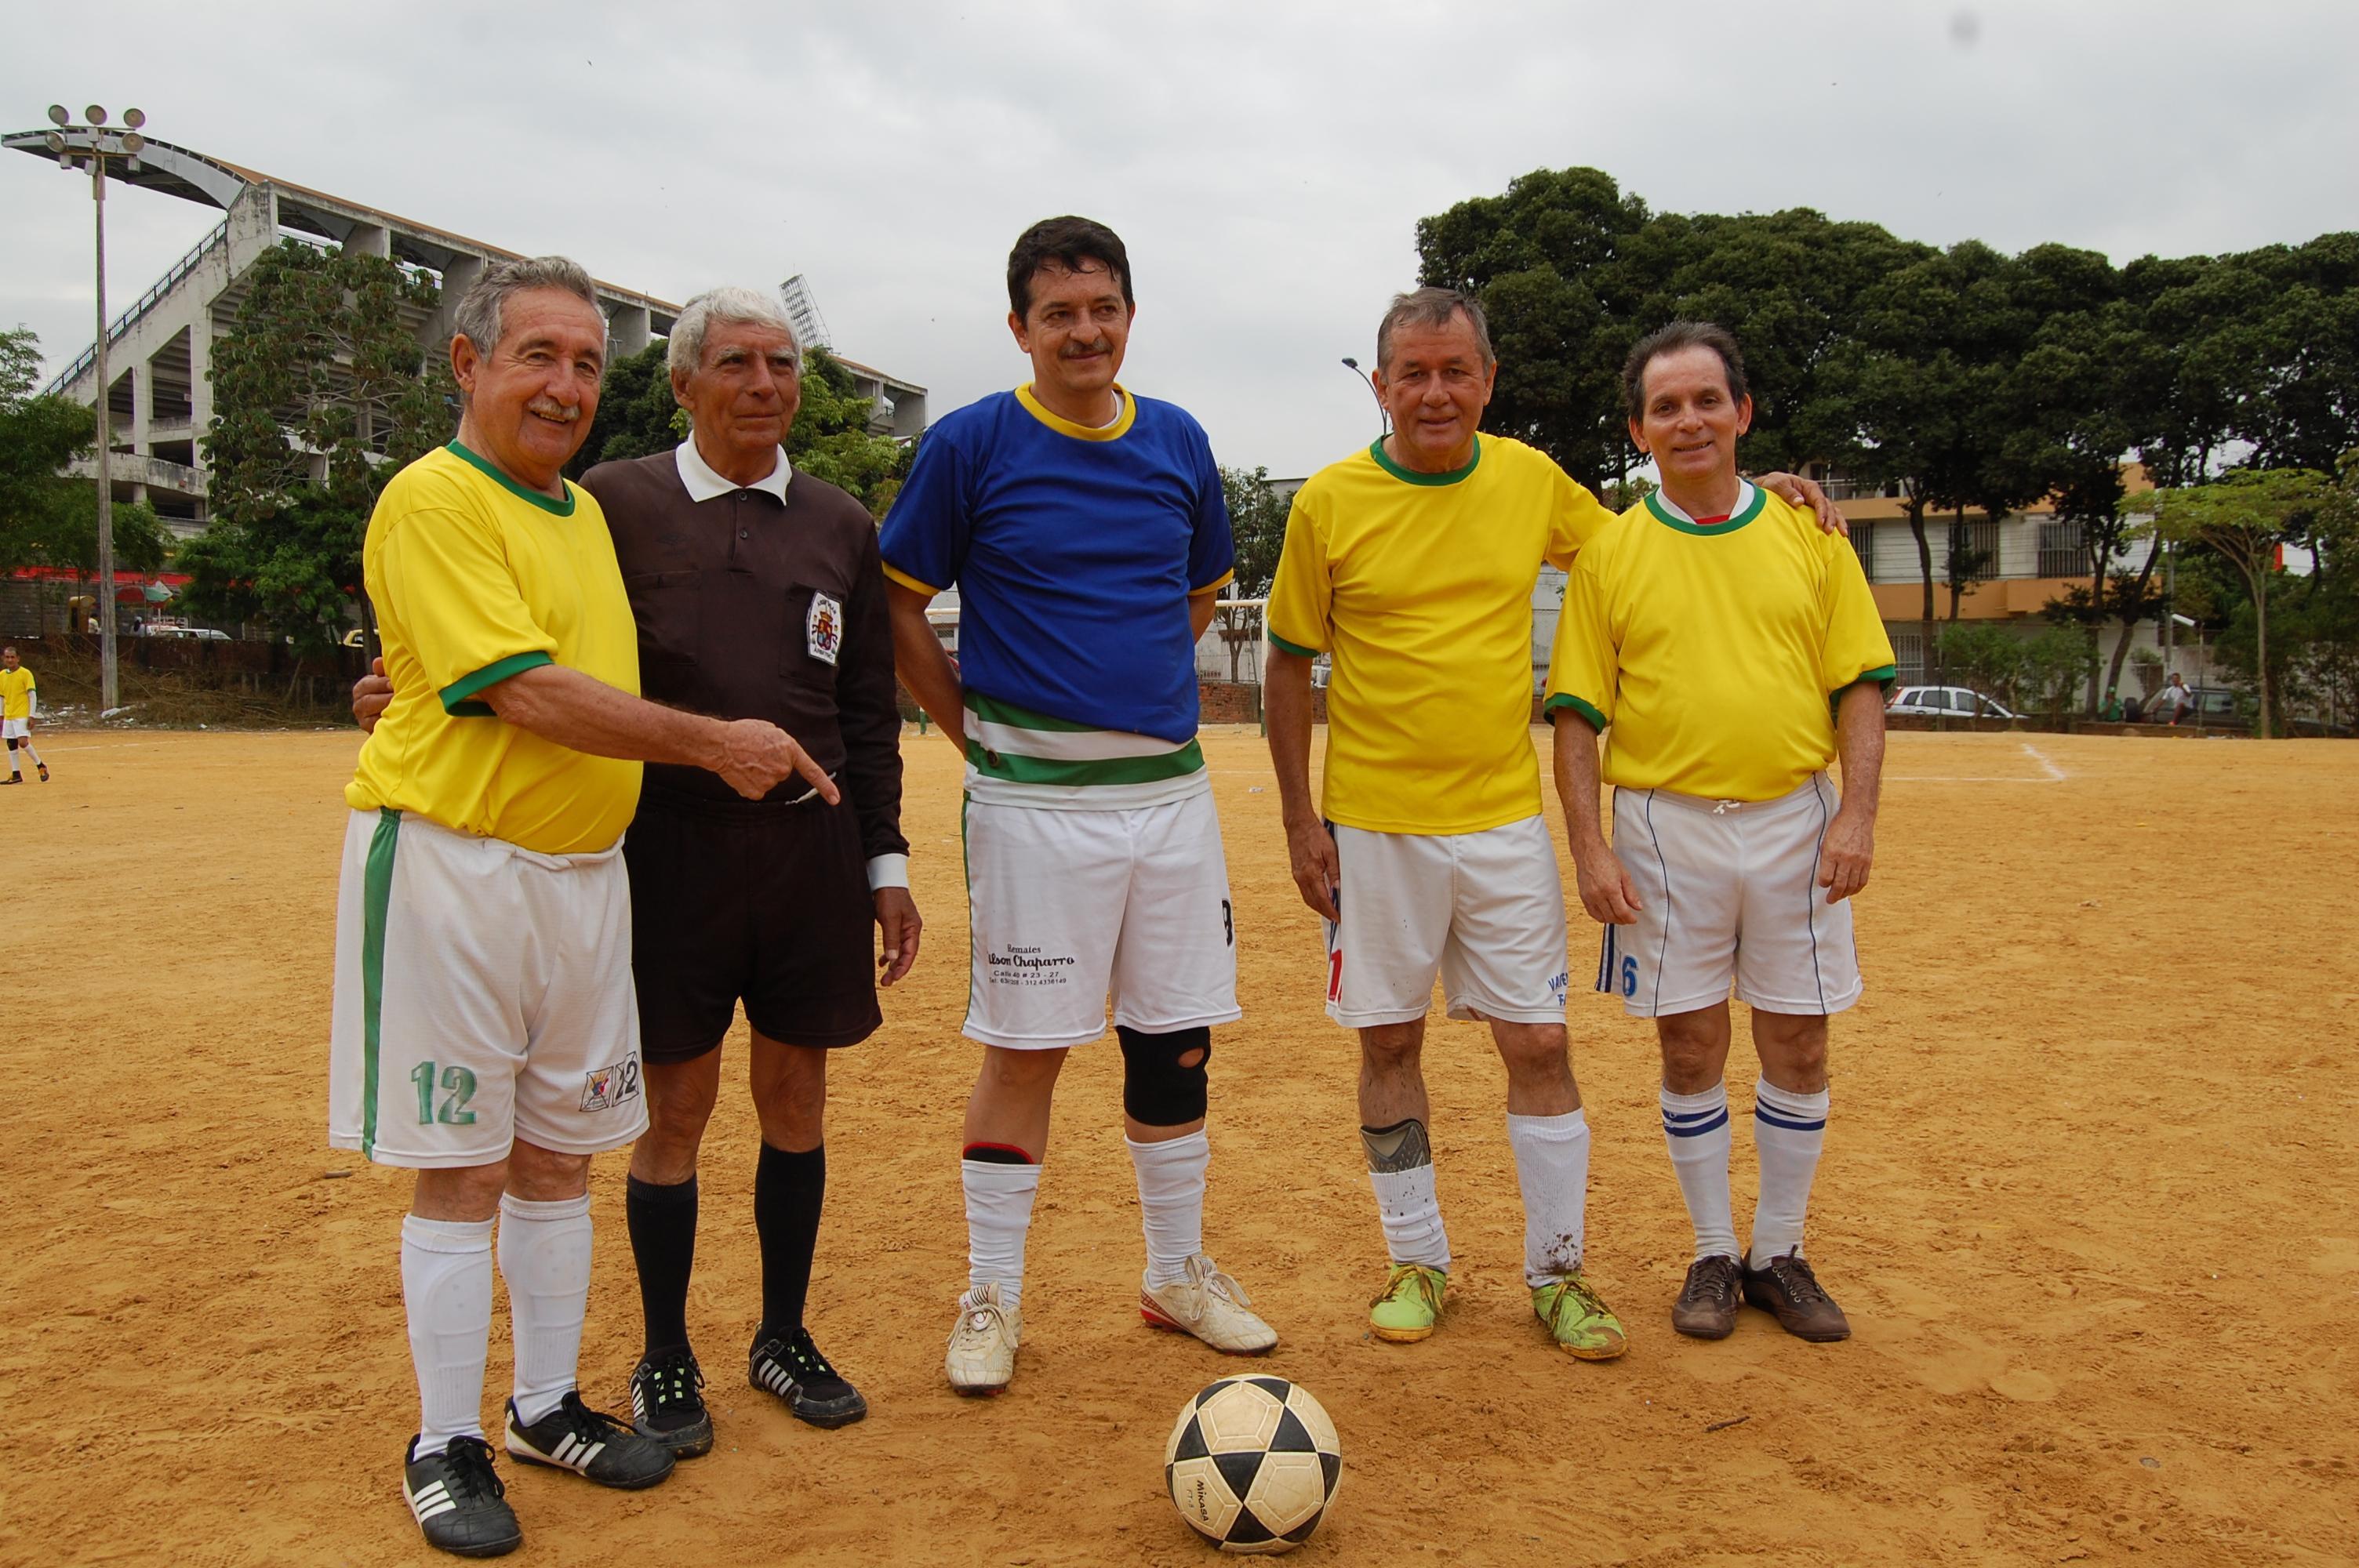 El adiós a Lino Gómez, arbitro profesional y de barriada Por: Jorge Enrique Solis/EL FRENTE   Local   Deportes   EL FRENTE